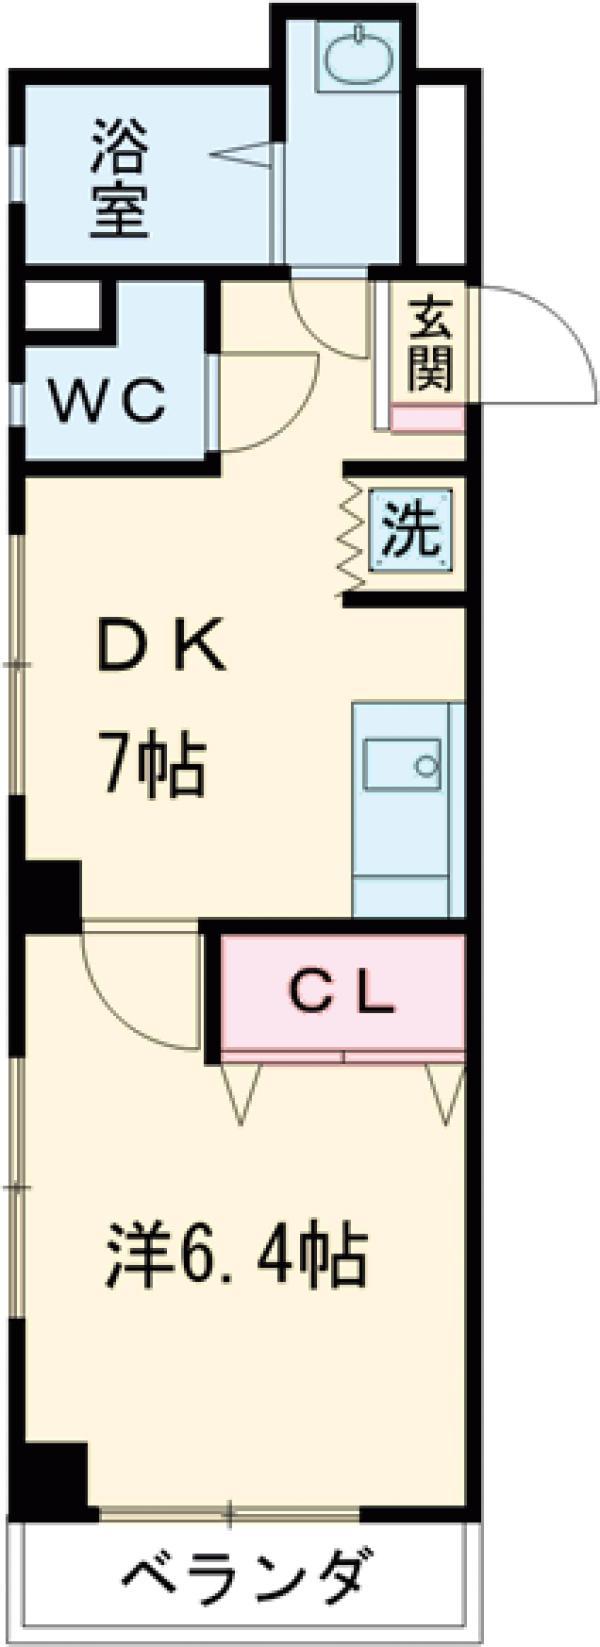 小井川ビル 403号室の間取り